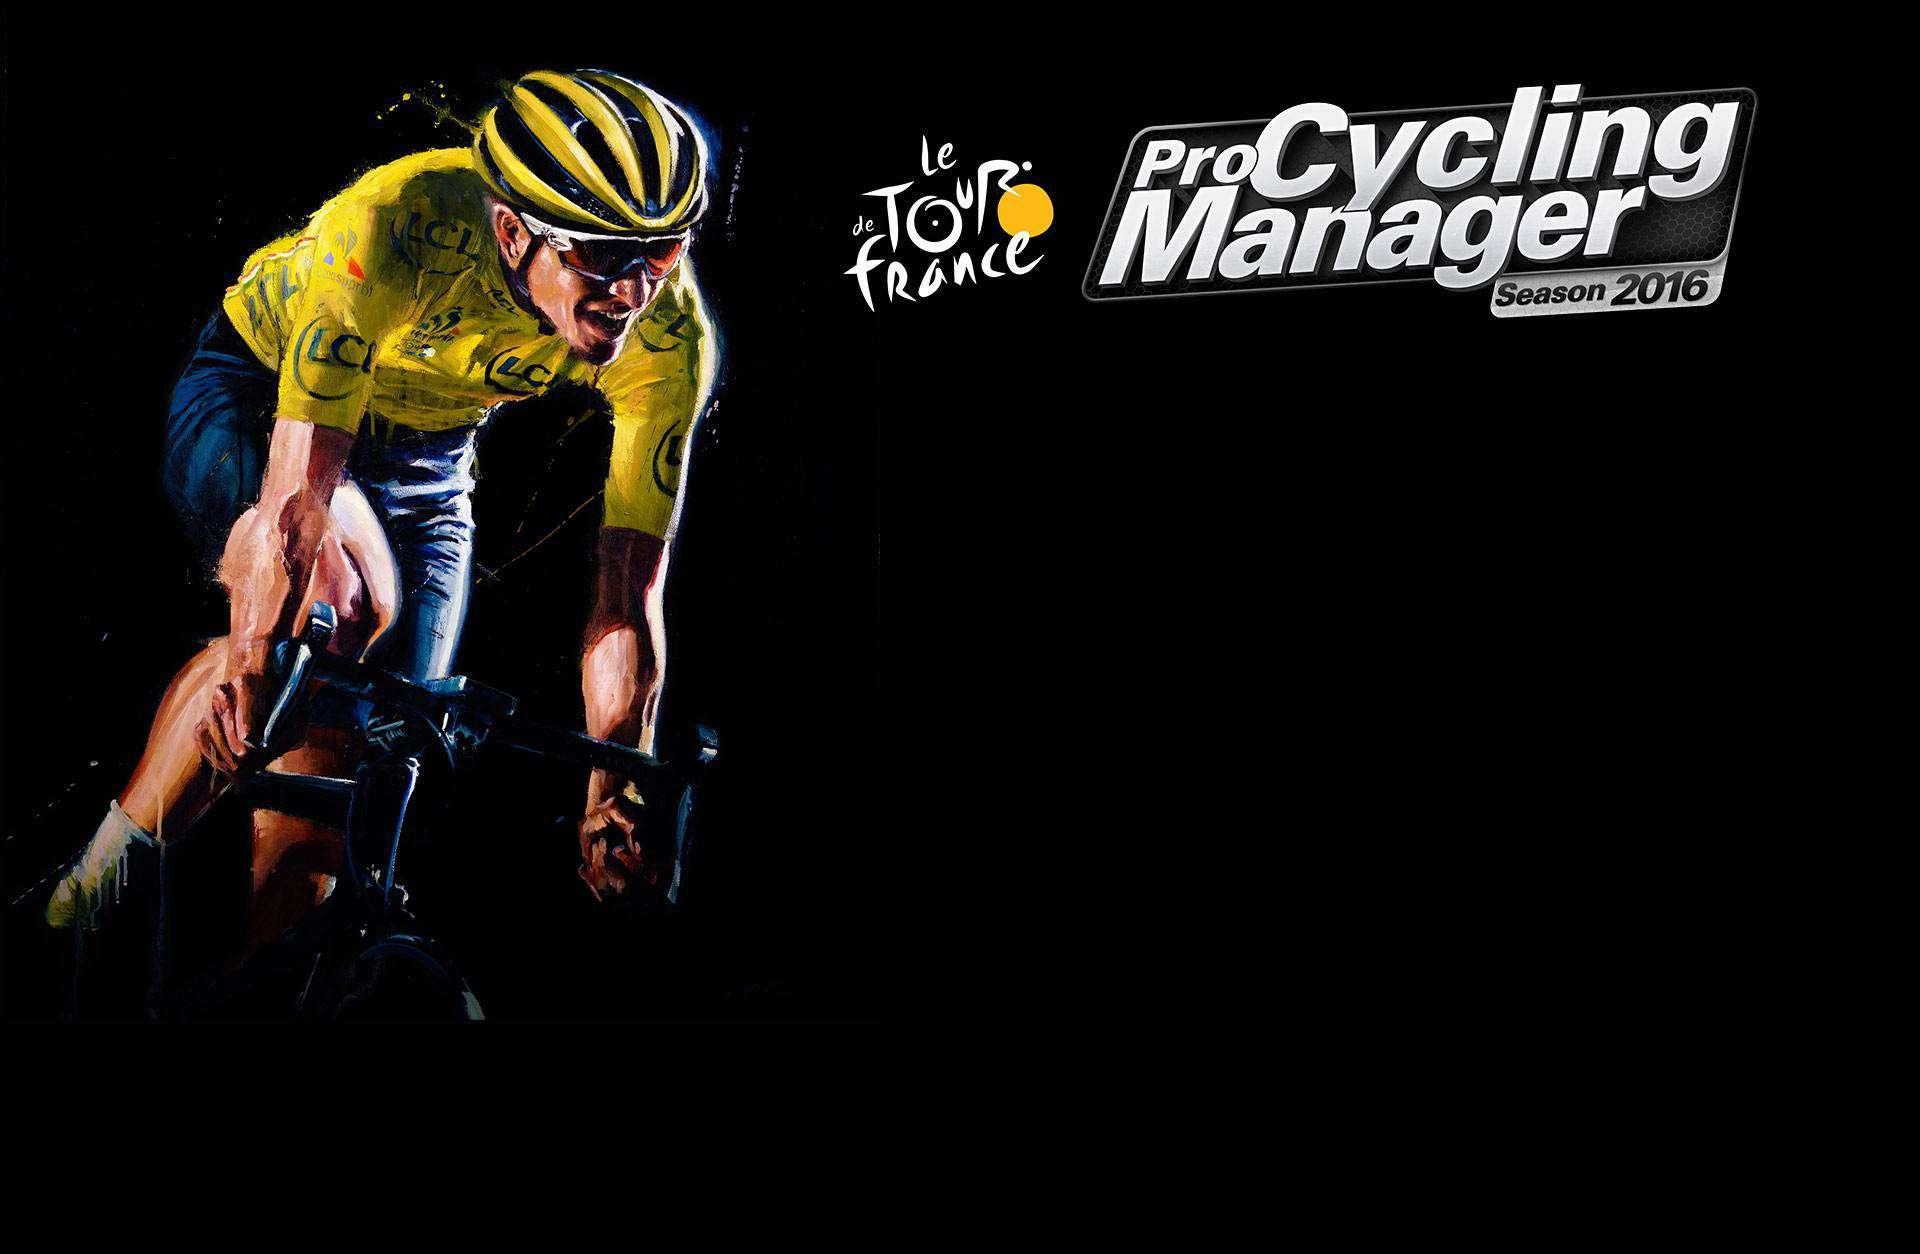 Pro Cycling Manager 2016 Kostenlos herunterladen PC